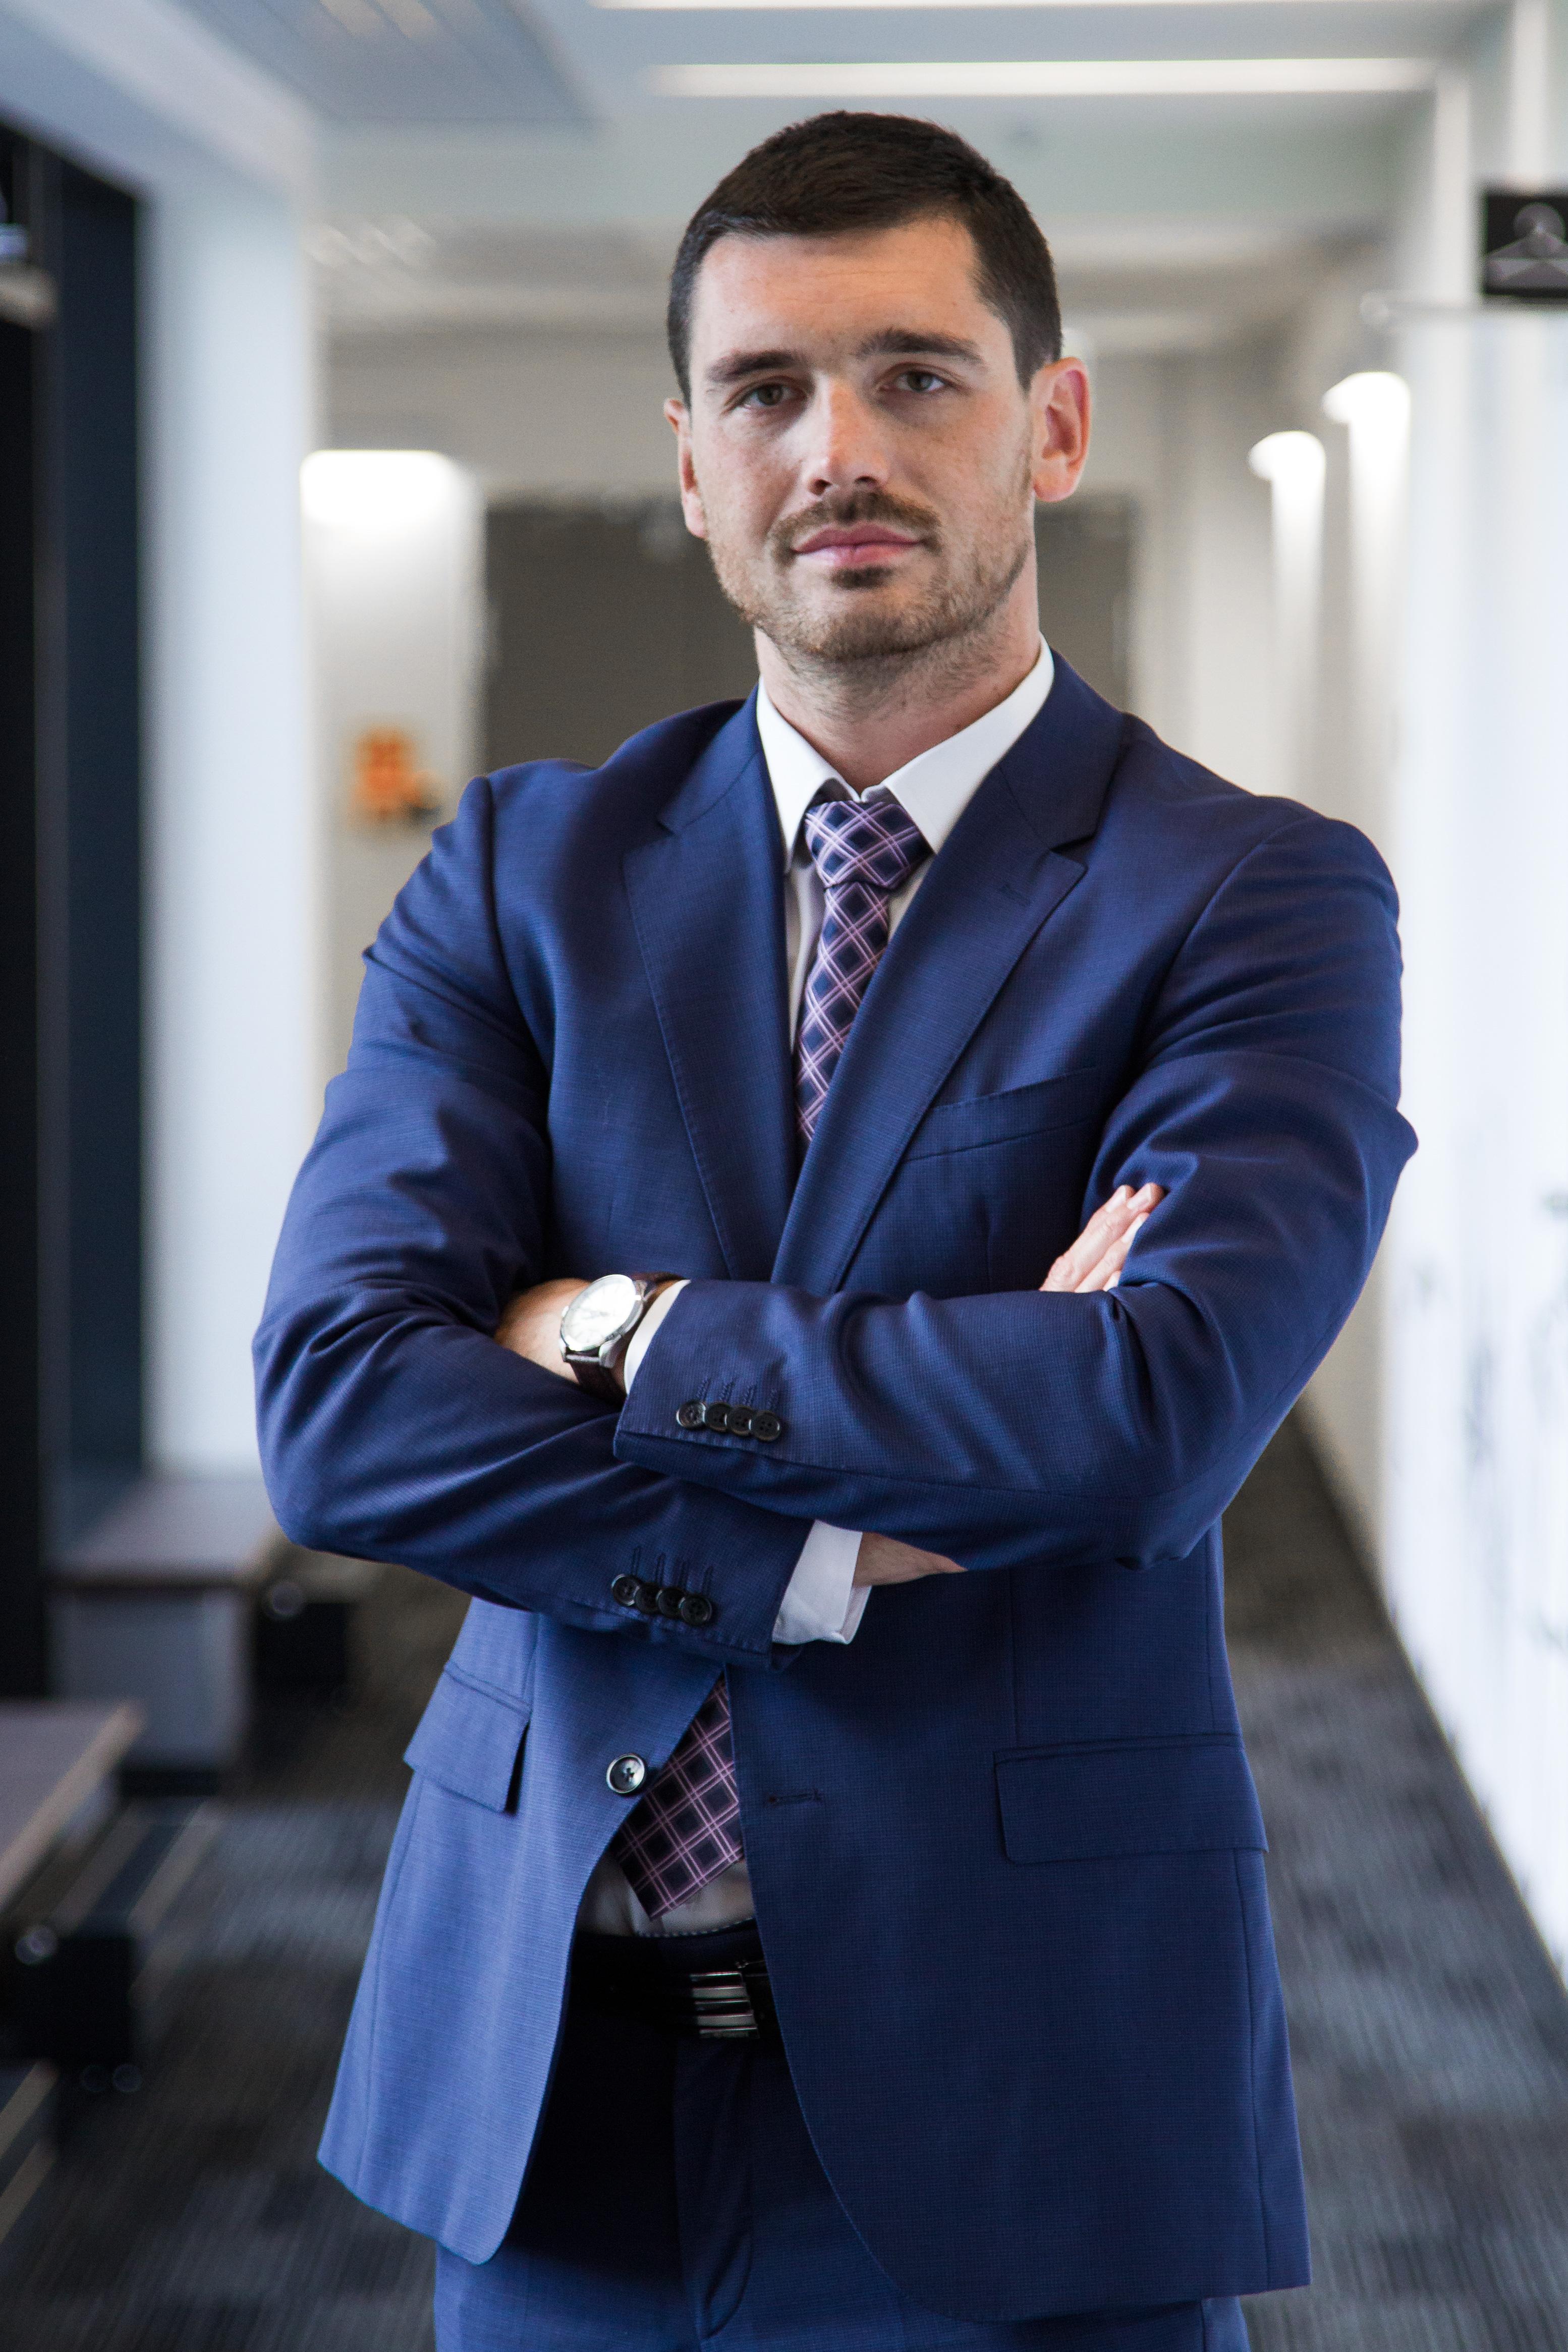 Tomasz Grochowski